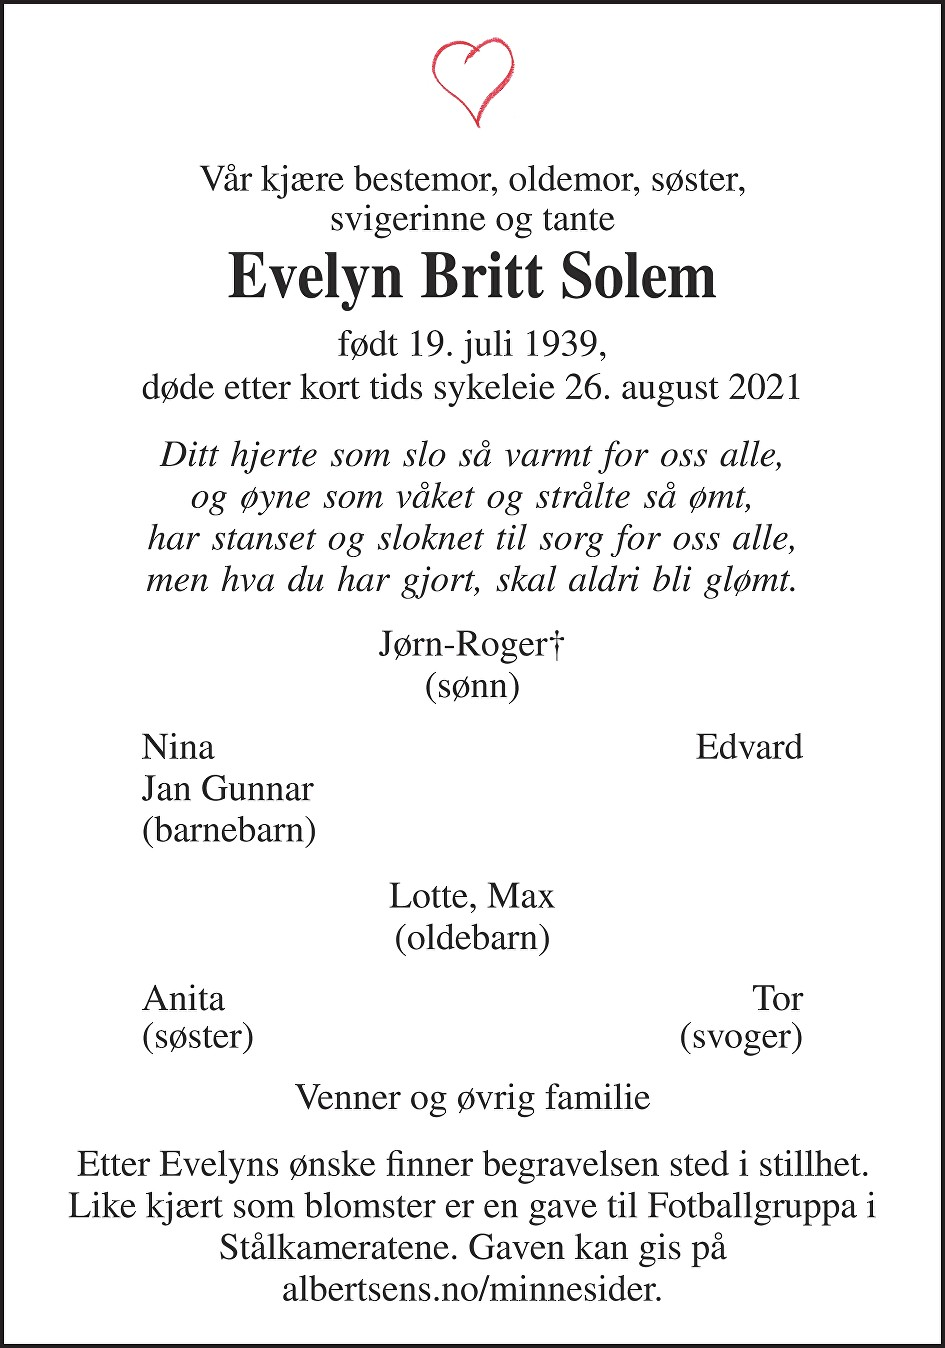 Evelyn Britt Solem Dødsannonse